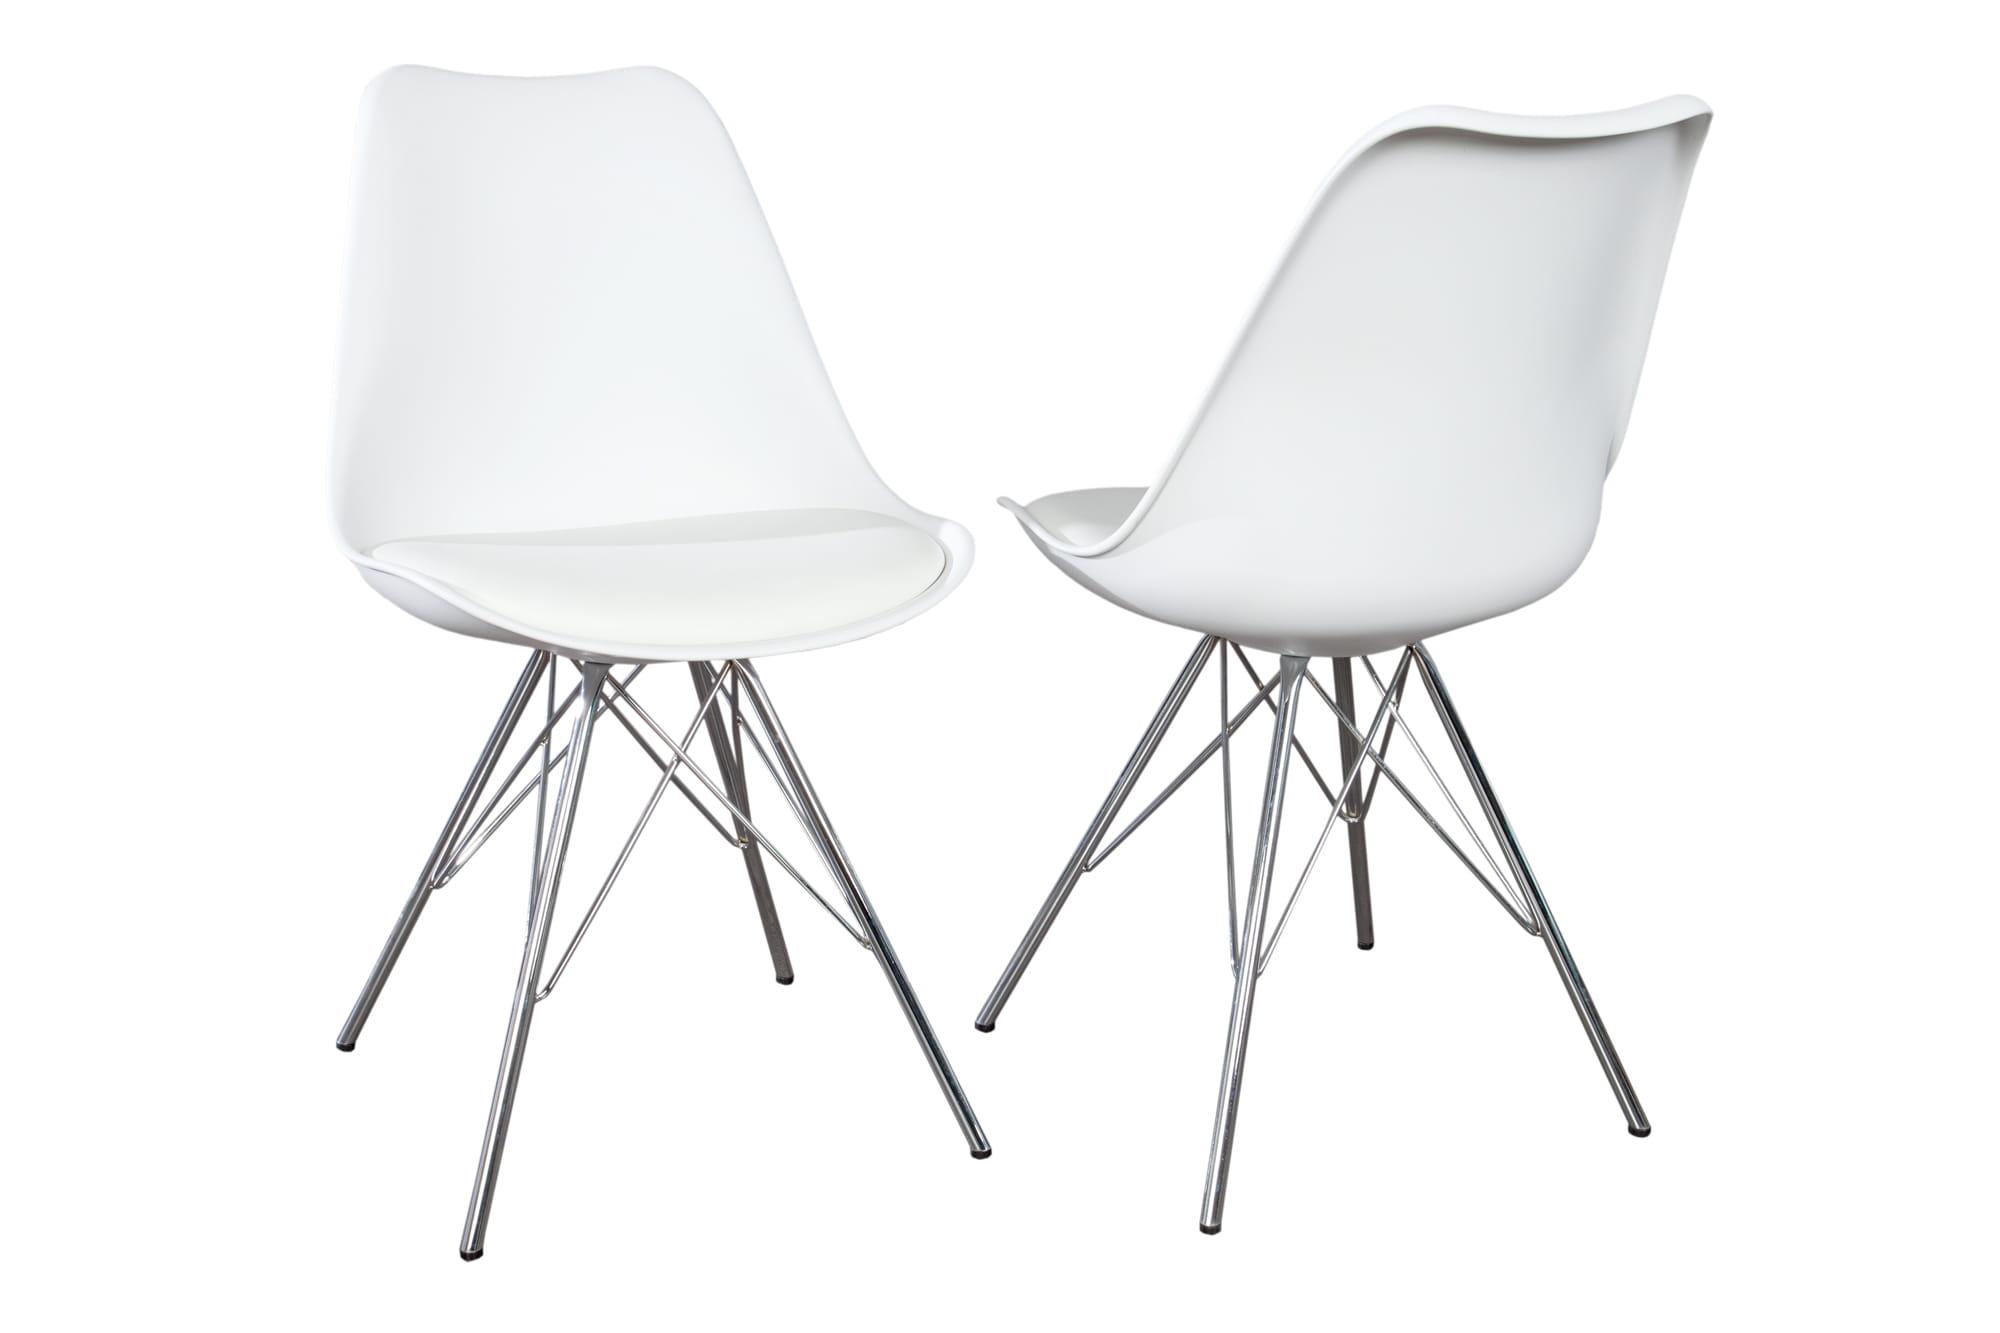 Krzesło Northern białe